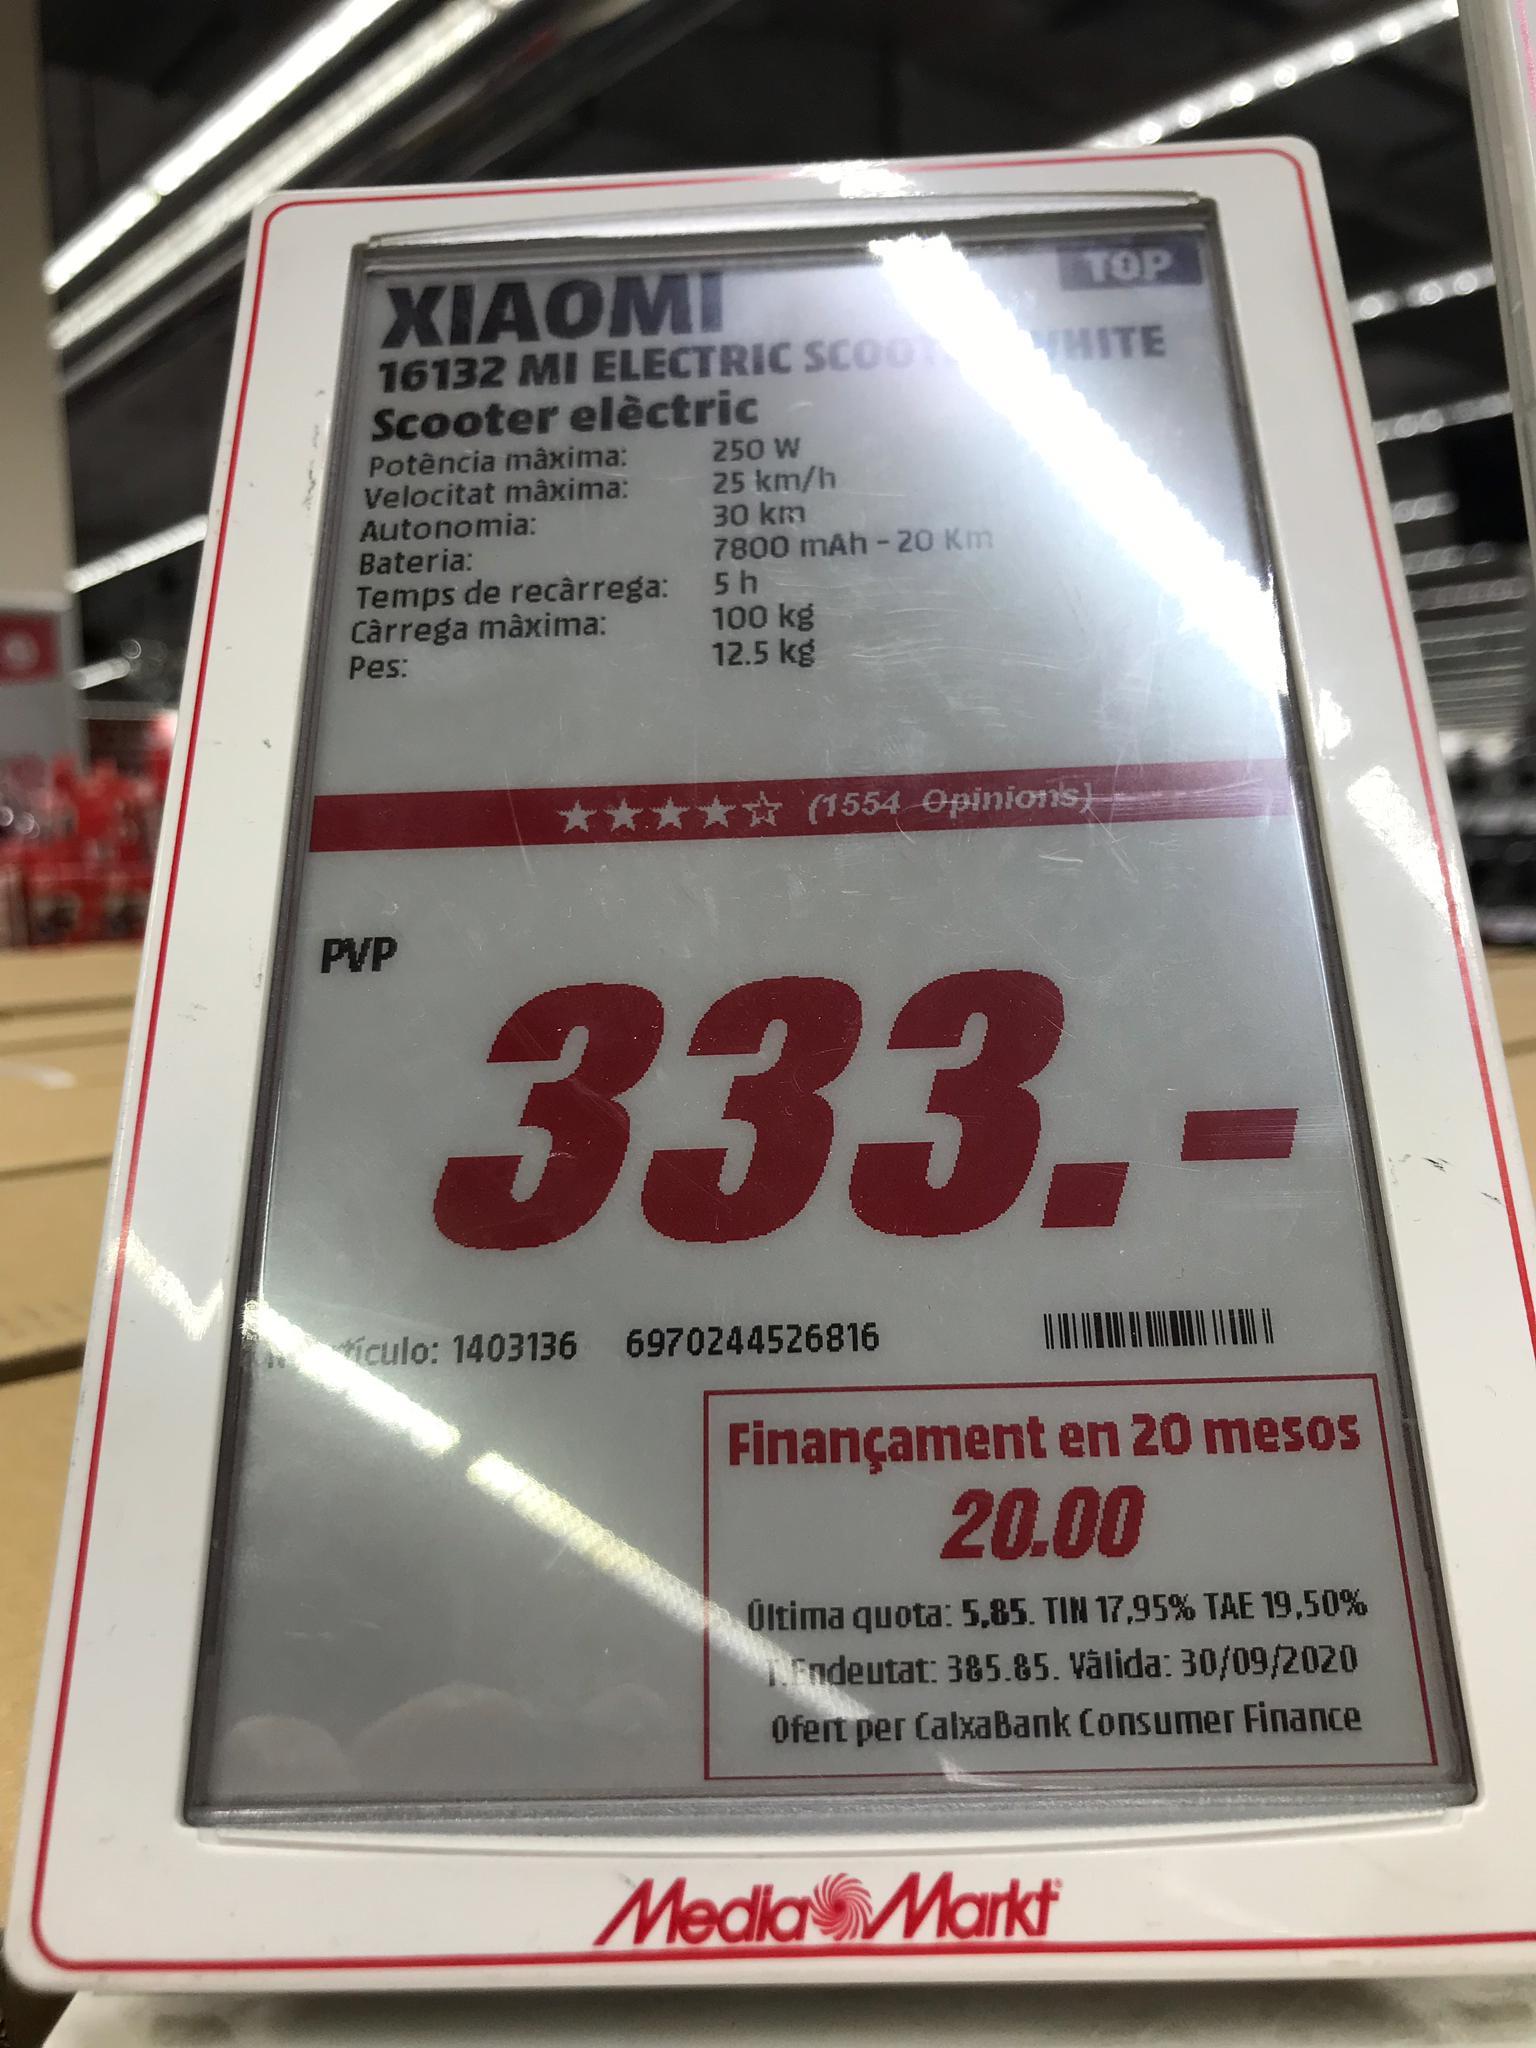 Patin Xiaomi M365 a 333€ en Media Markt (Solo tiendas no en su web)